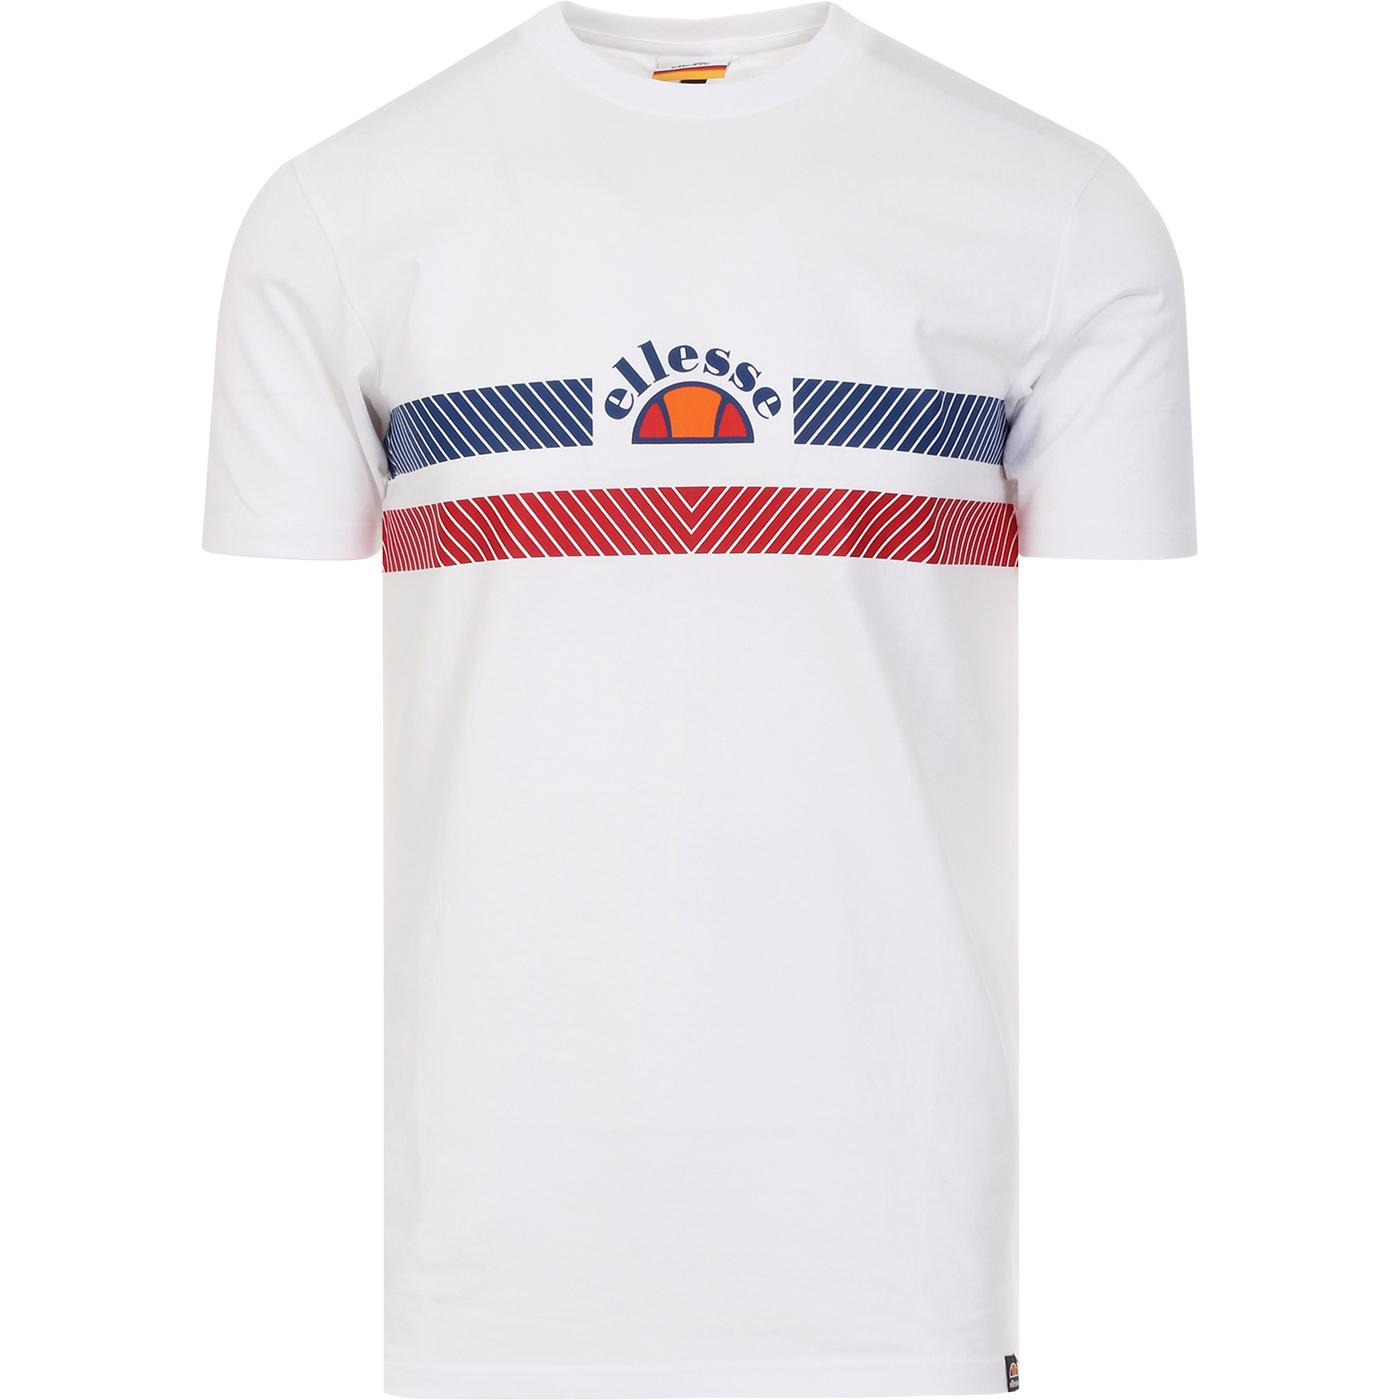 Lori ELLESSE Retro 80s Chest Stripe Logo Tee WHITE